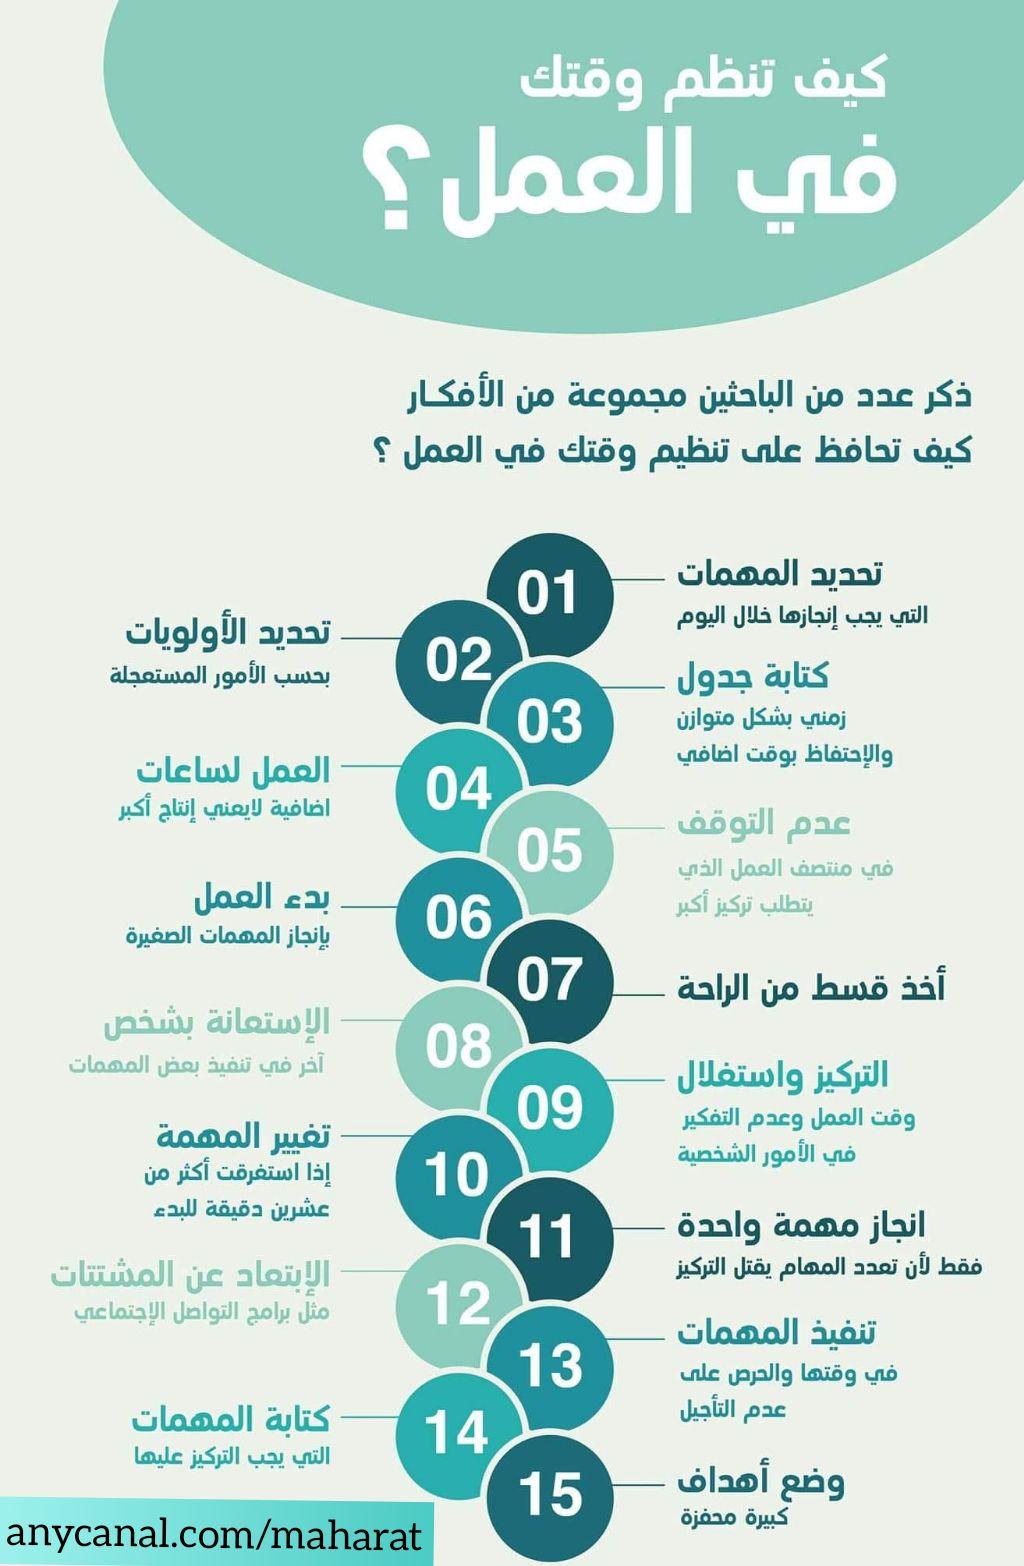 تنظيم الوقت في العمل مهم جدا جدا Learning Websites Learn Arabic Language Study Skills